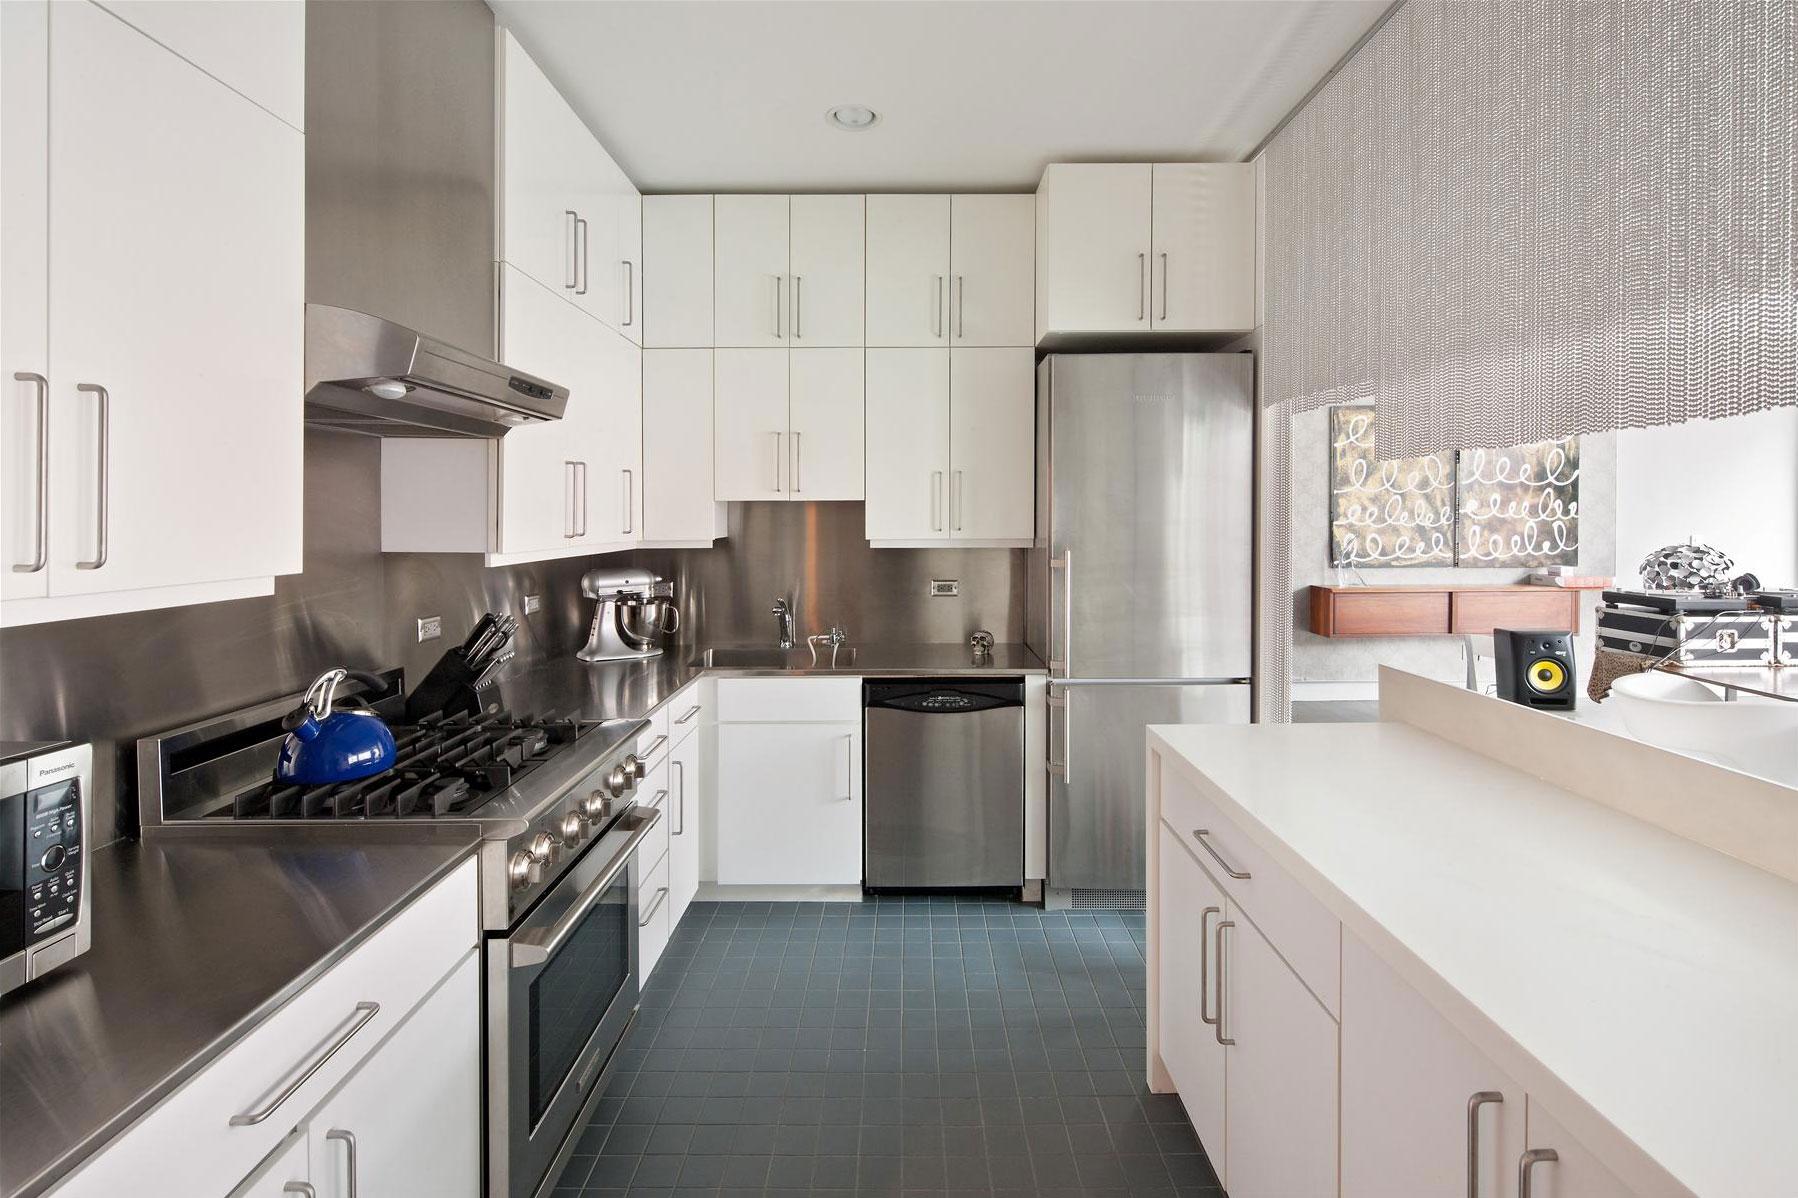 Белый кухонный гарнитур в квартире в стиле лофт